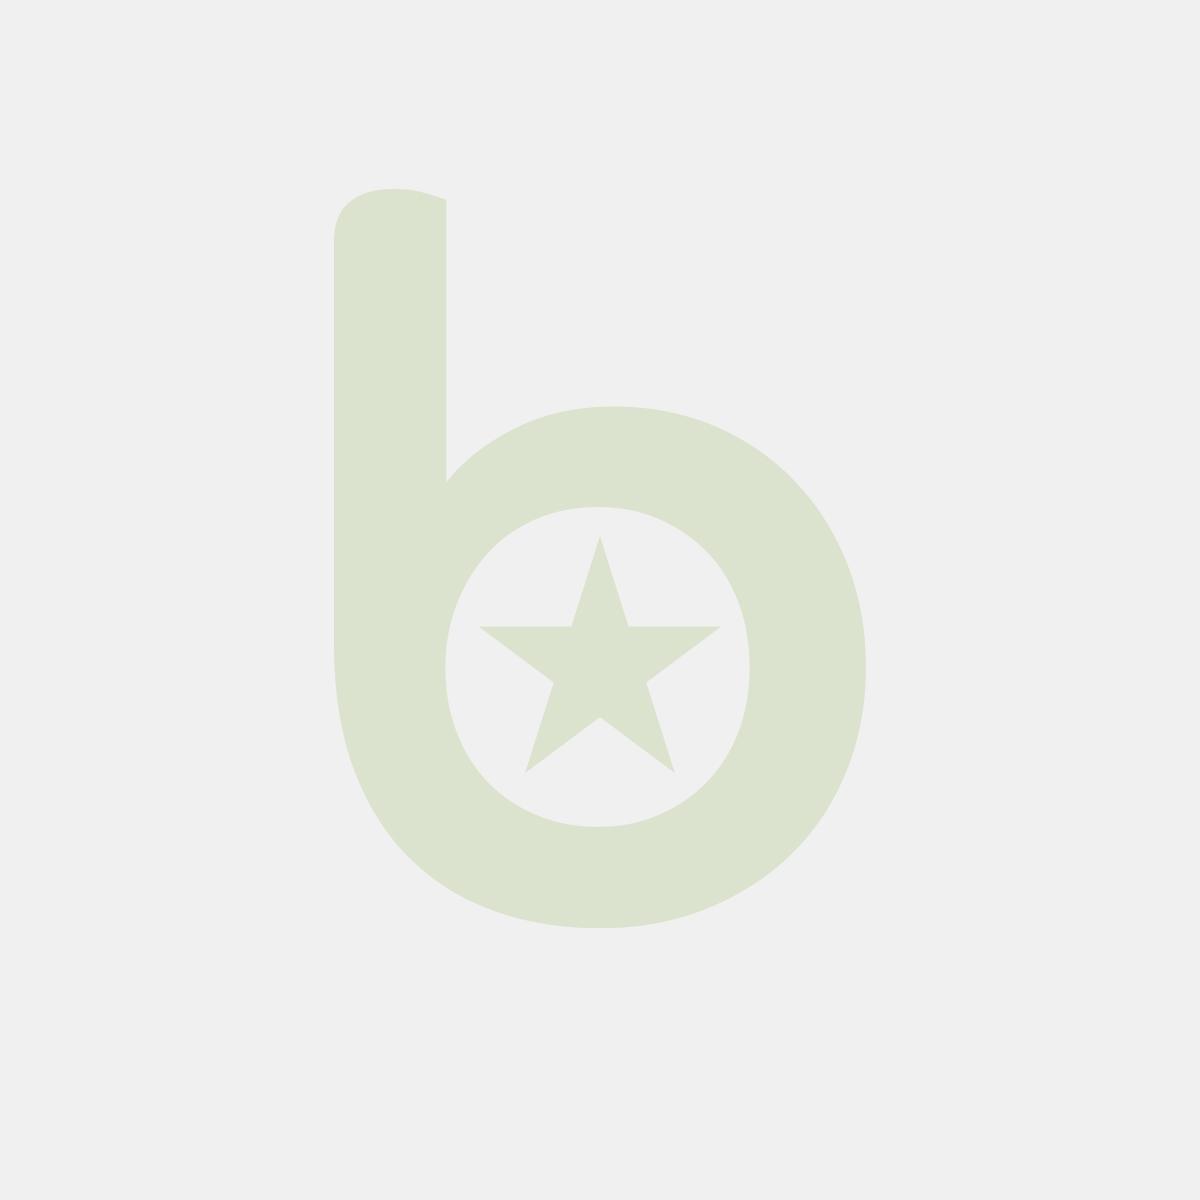 FINGERFOOD - miseczka PS 7x9xh.1,8cm transparentna op. 50 sztuk